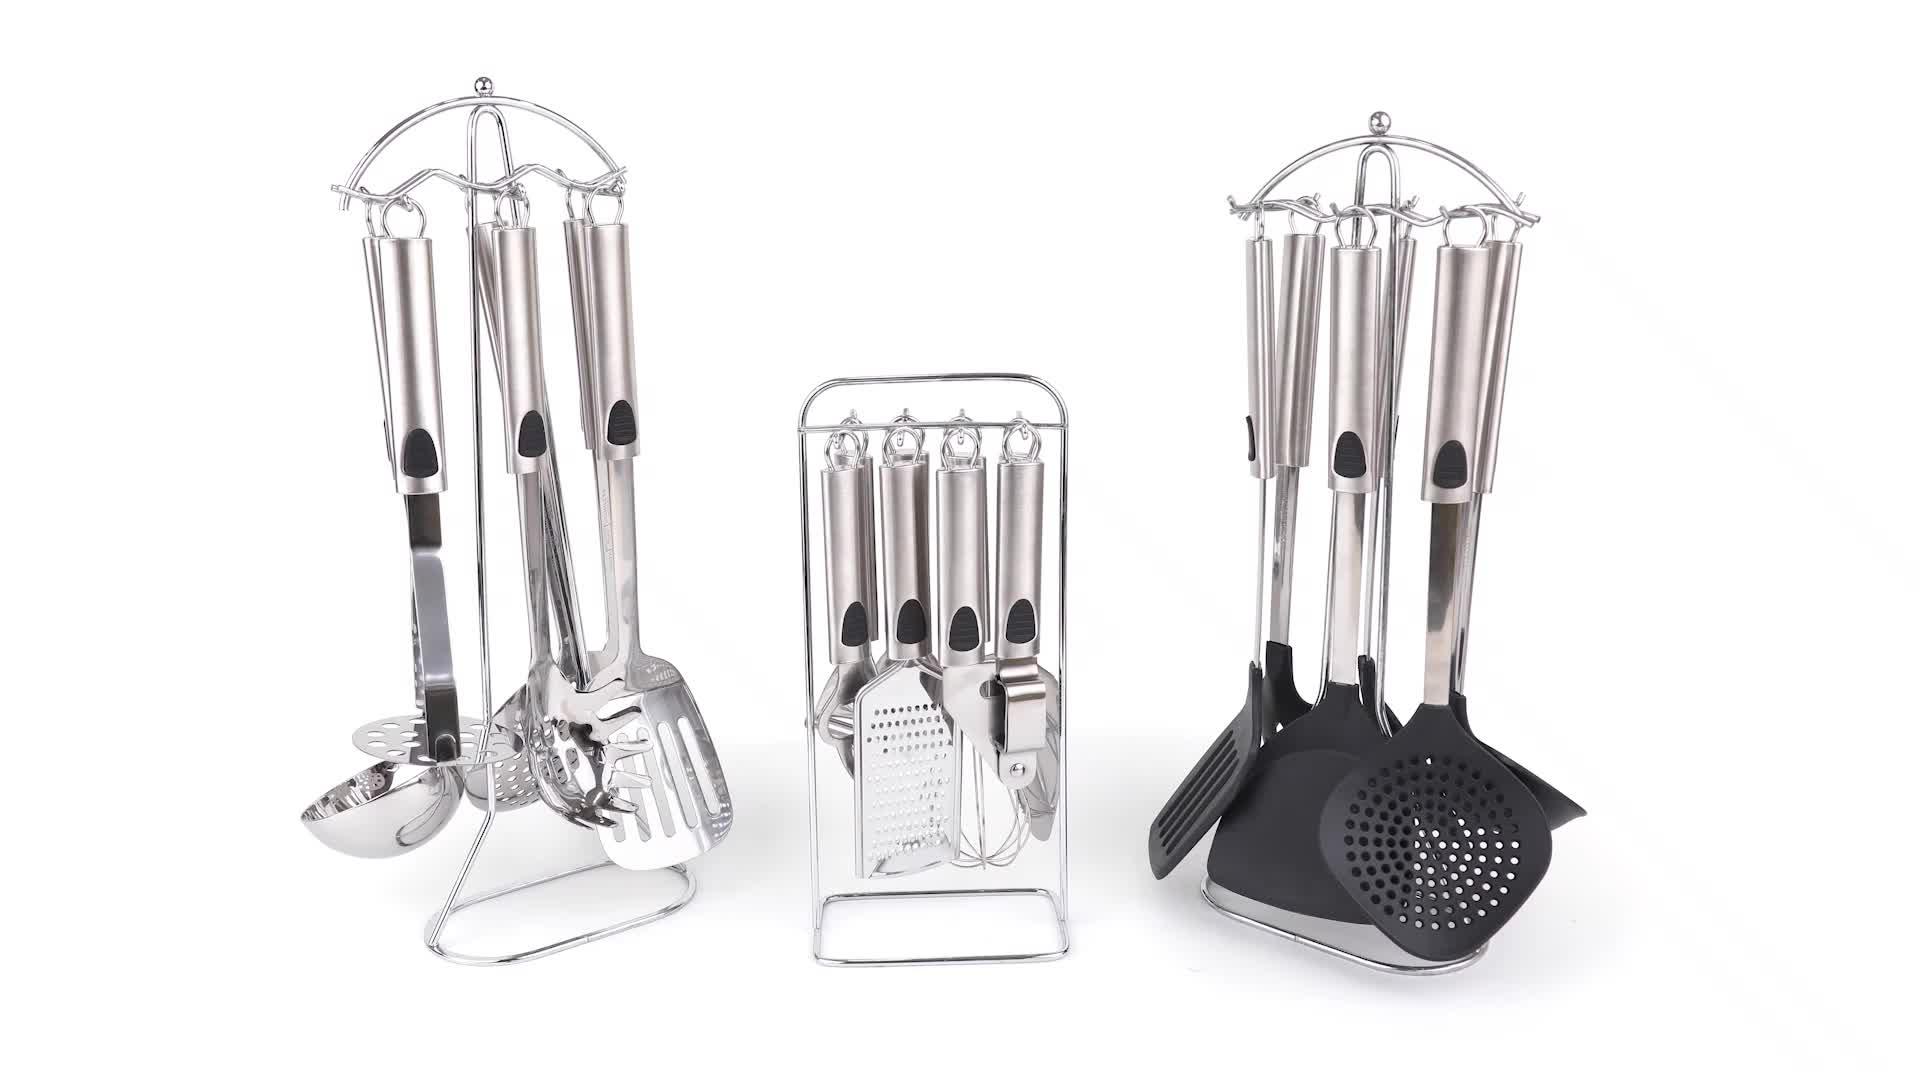 Silikon home küche utensil werkzeug set edelstahl halter küche zubehör set